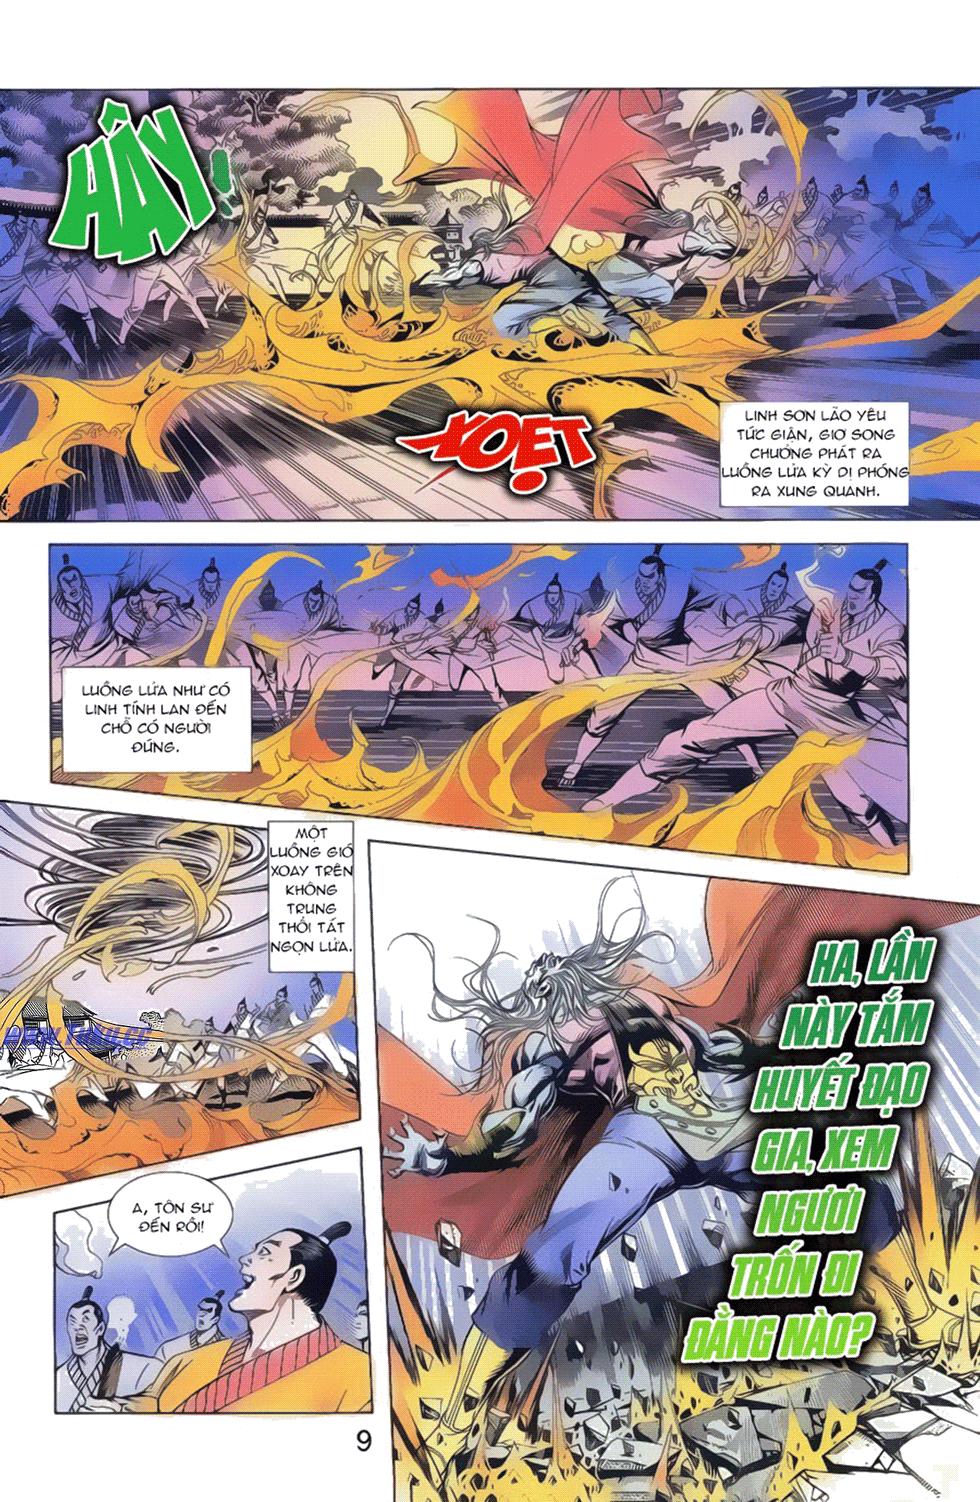 Tần Vương Doanh Chính chapter 17 trang 5